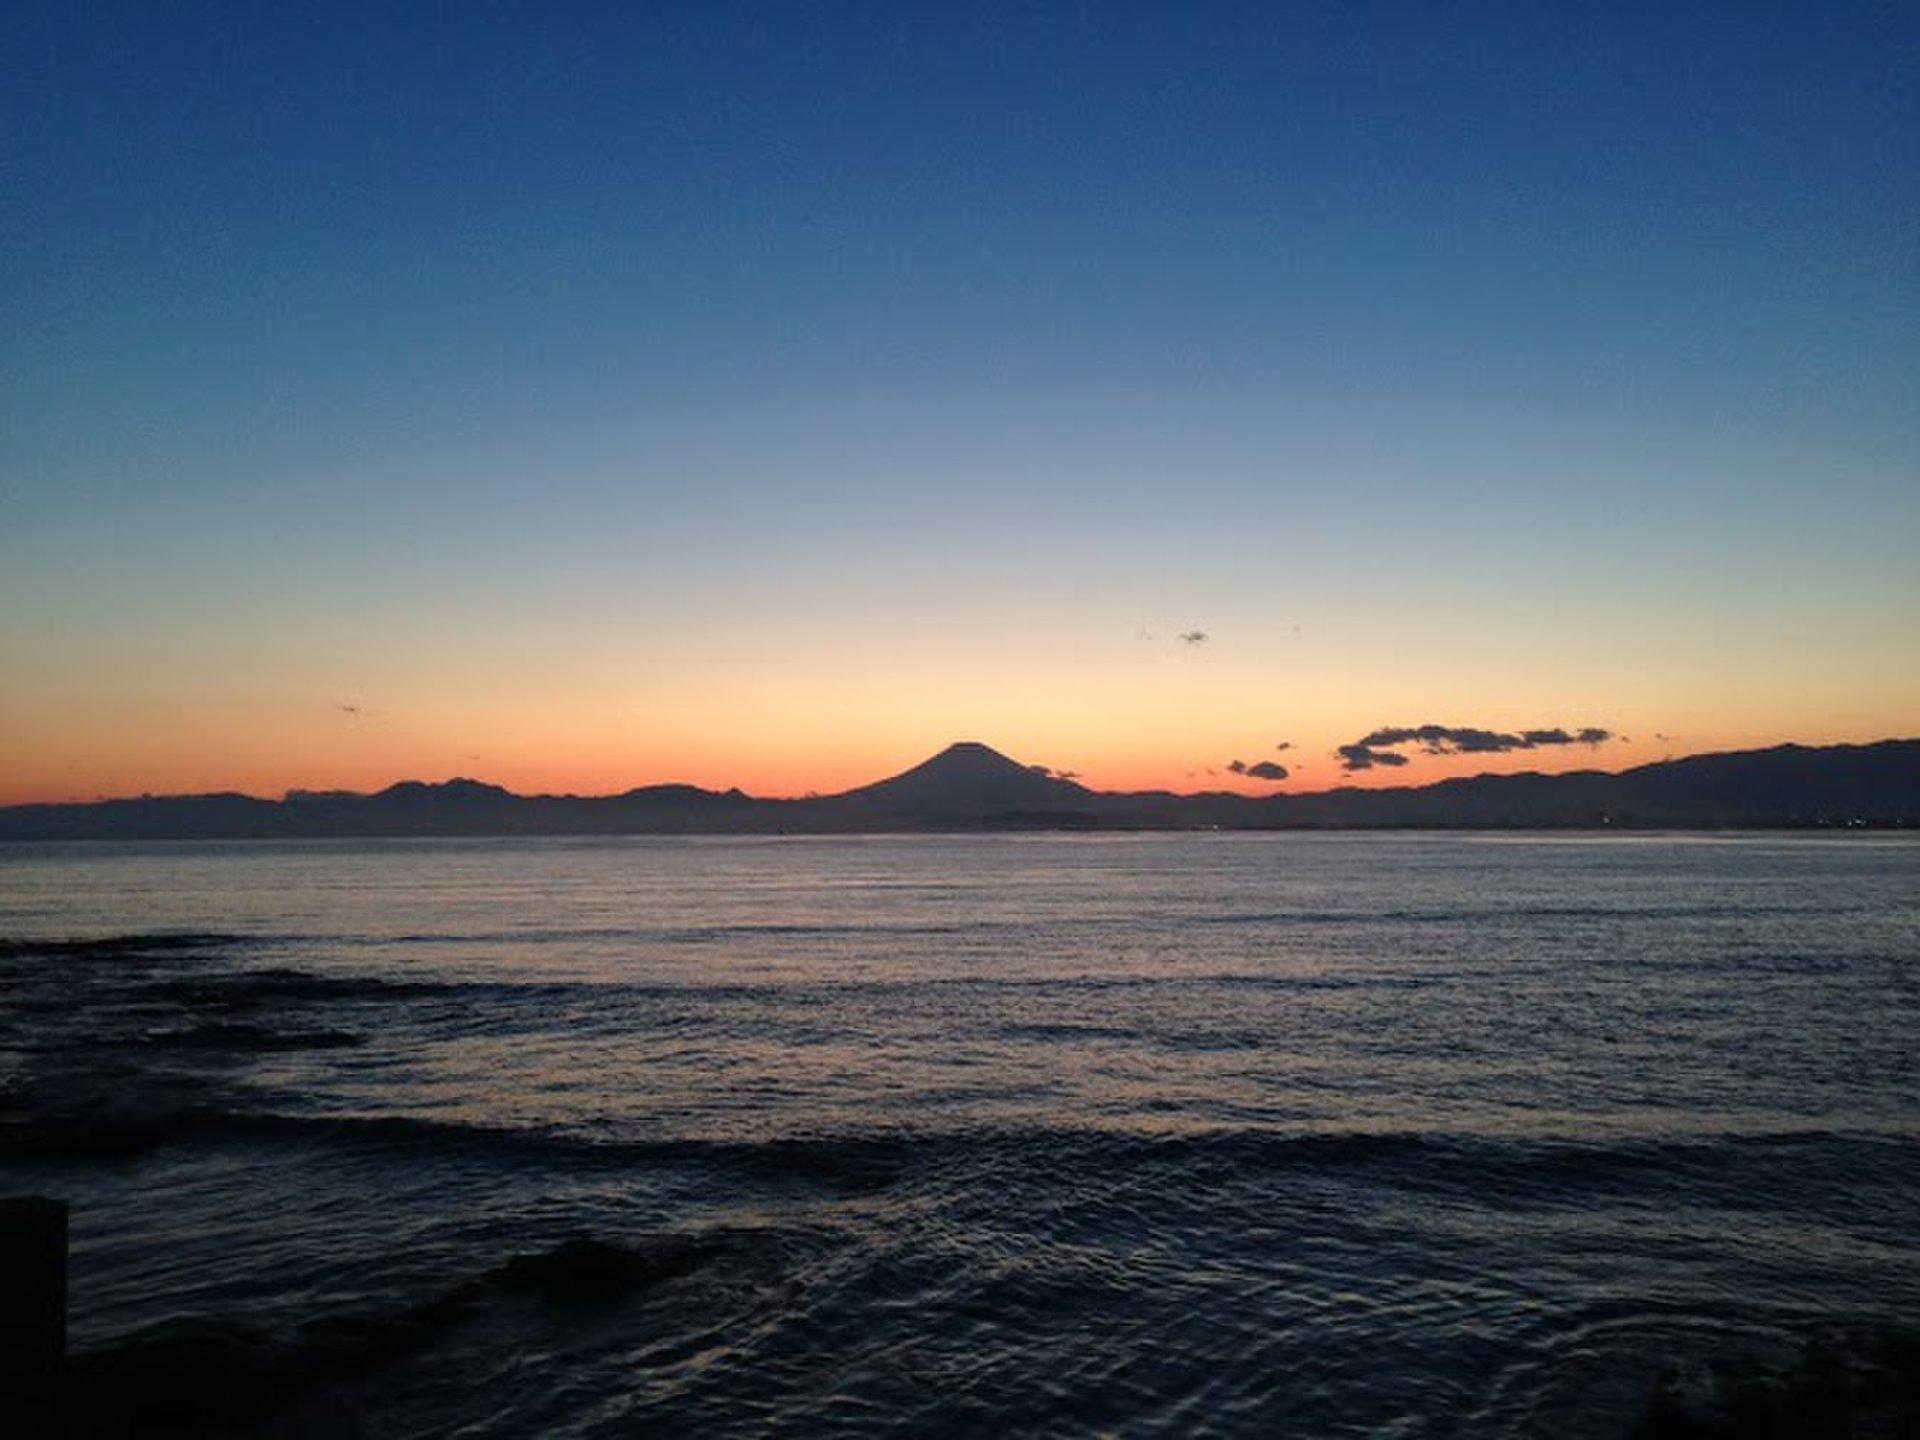 湘南の江ノ島デートにおすすめ!景色のいいテラスでしらす丼!夕方からのドライブデートに!